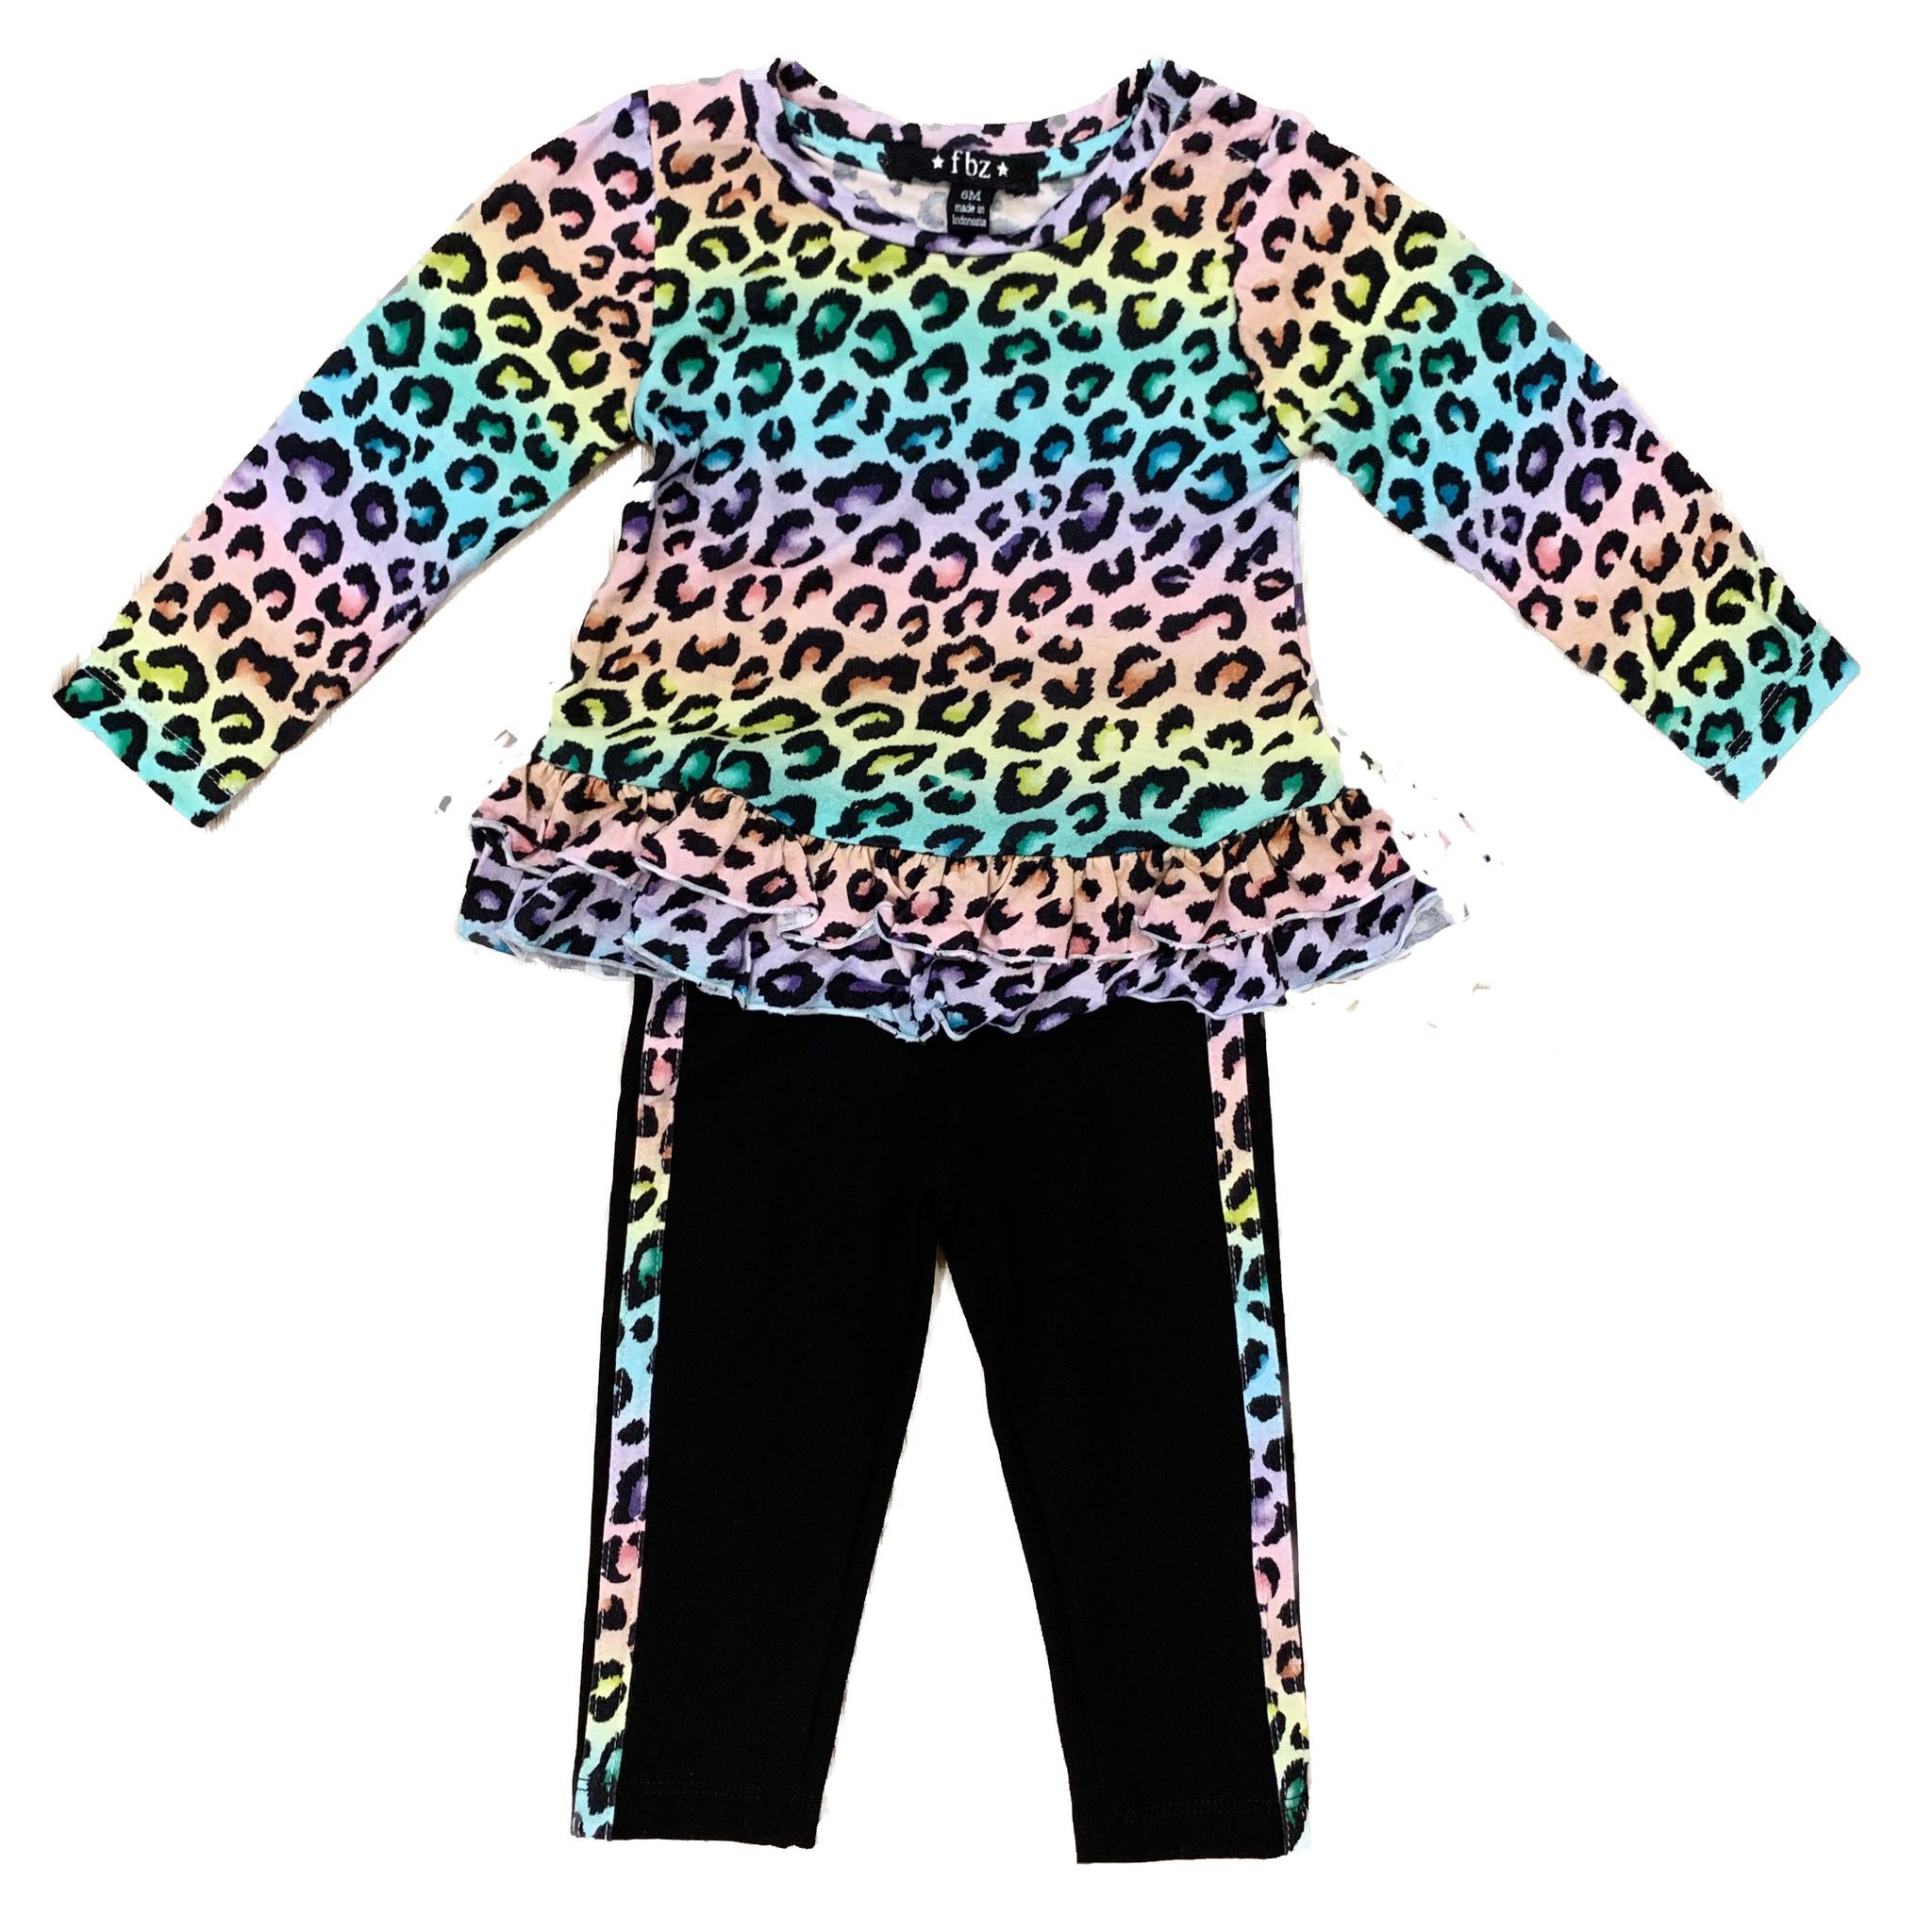 Flowers by Zoe Rainbow Leopard Ruffle Infant Legging Set